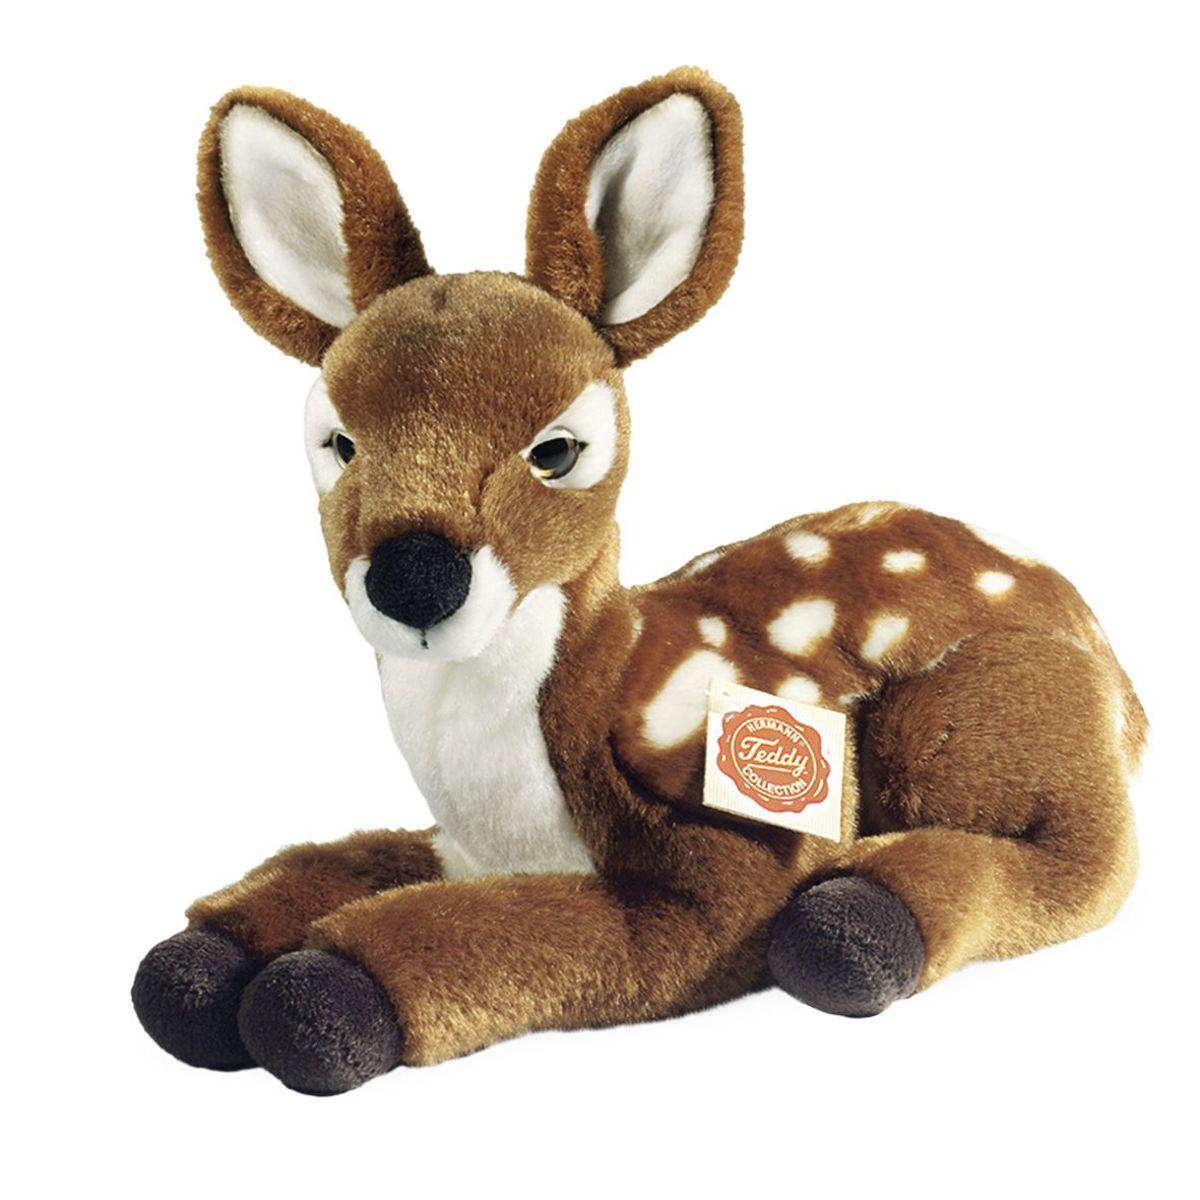 Hermann teddy bambi pluche knuffel